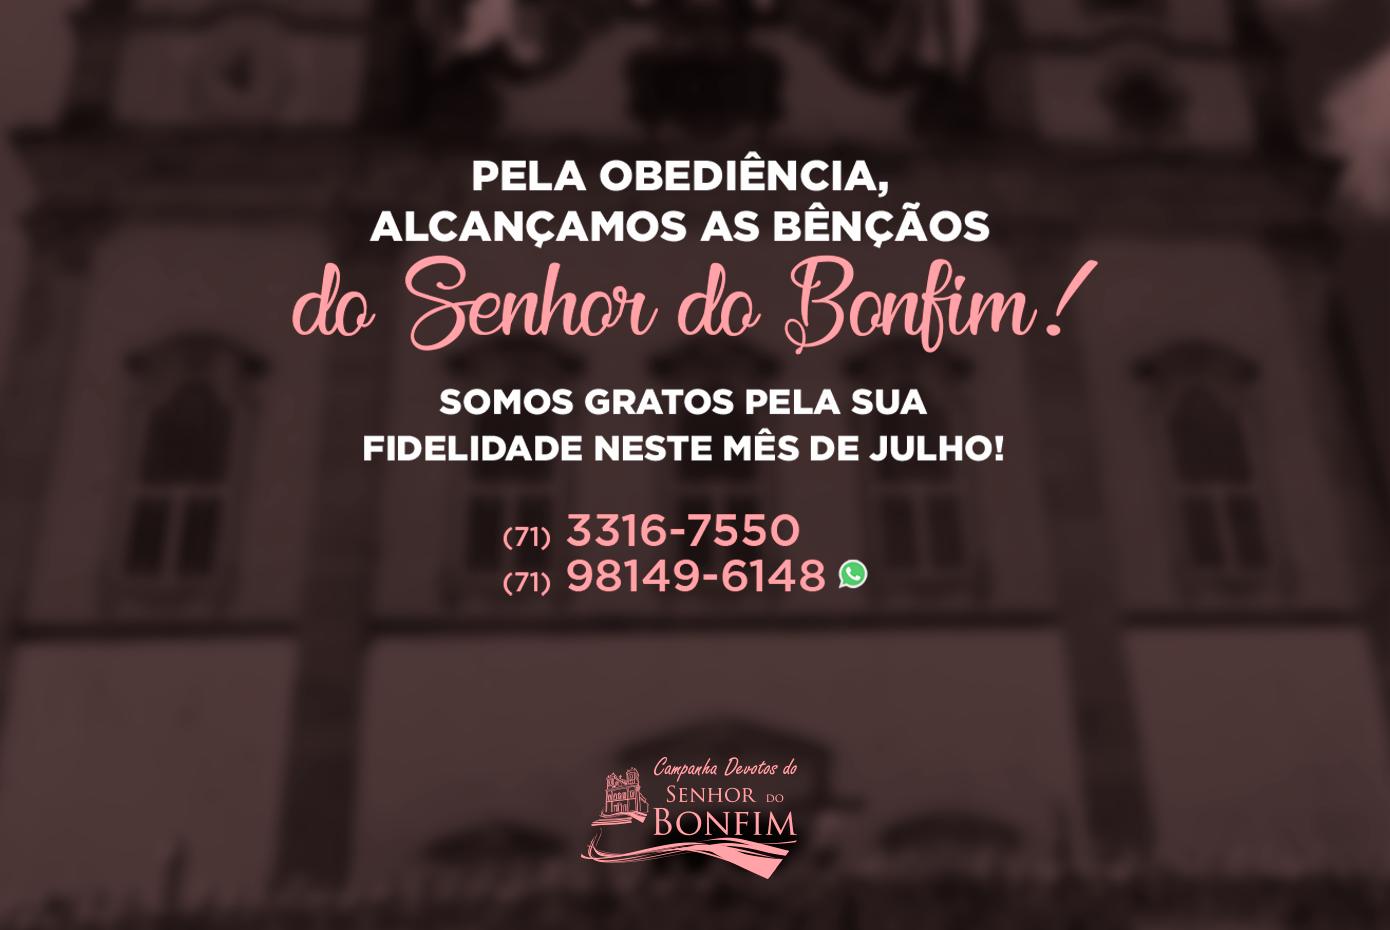 Gratidão pelo seu cuidado em nos ajudar a manter a Basílica do Bonfim!